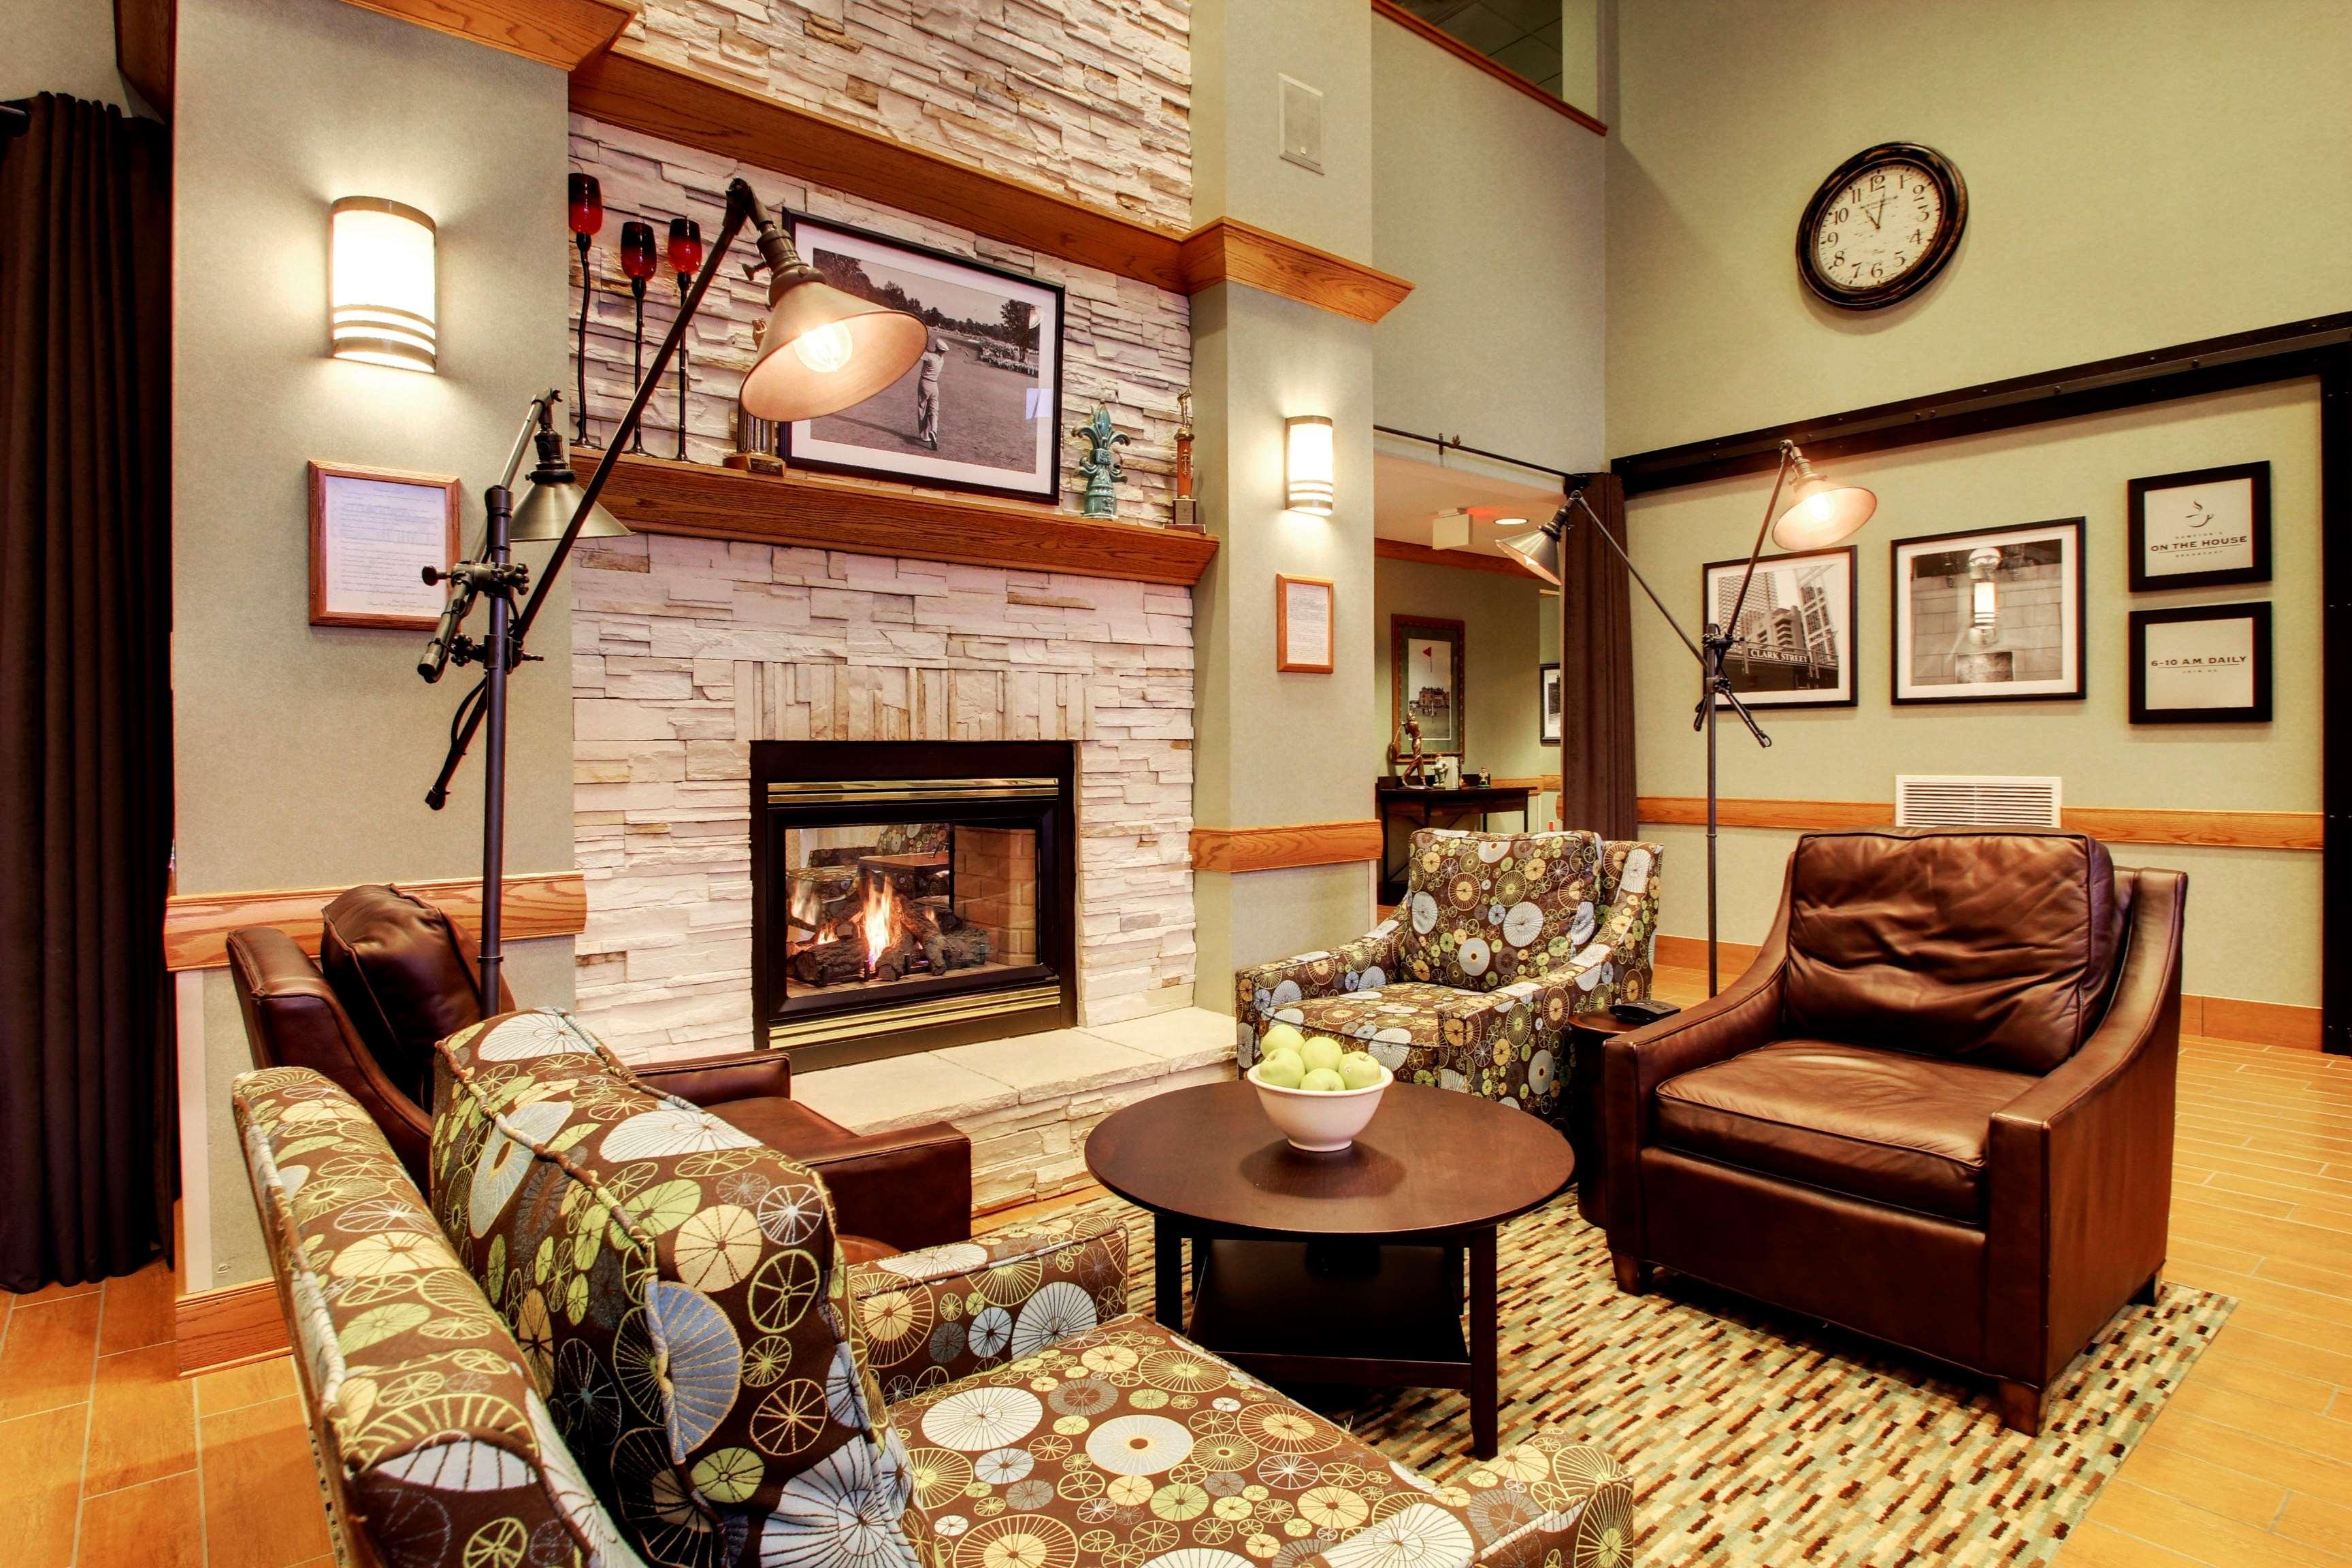 Hampton Inn & Suites Chicago/Aurora image 5